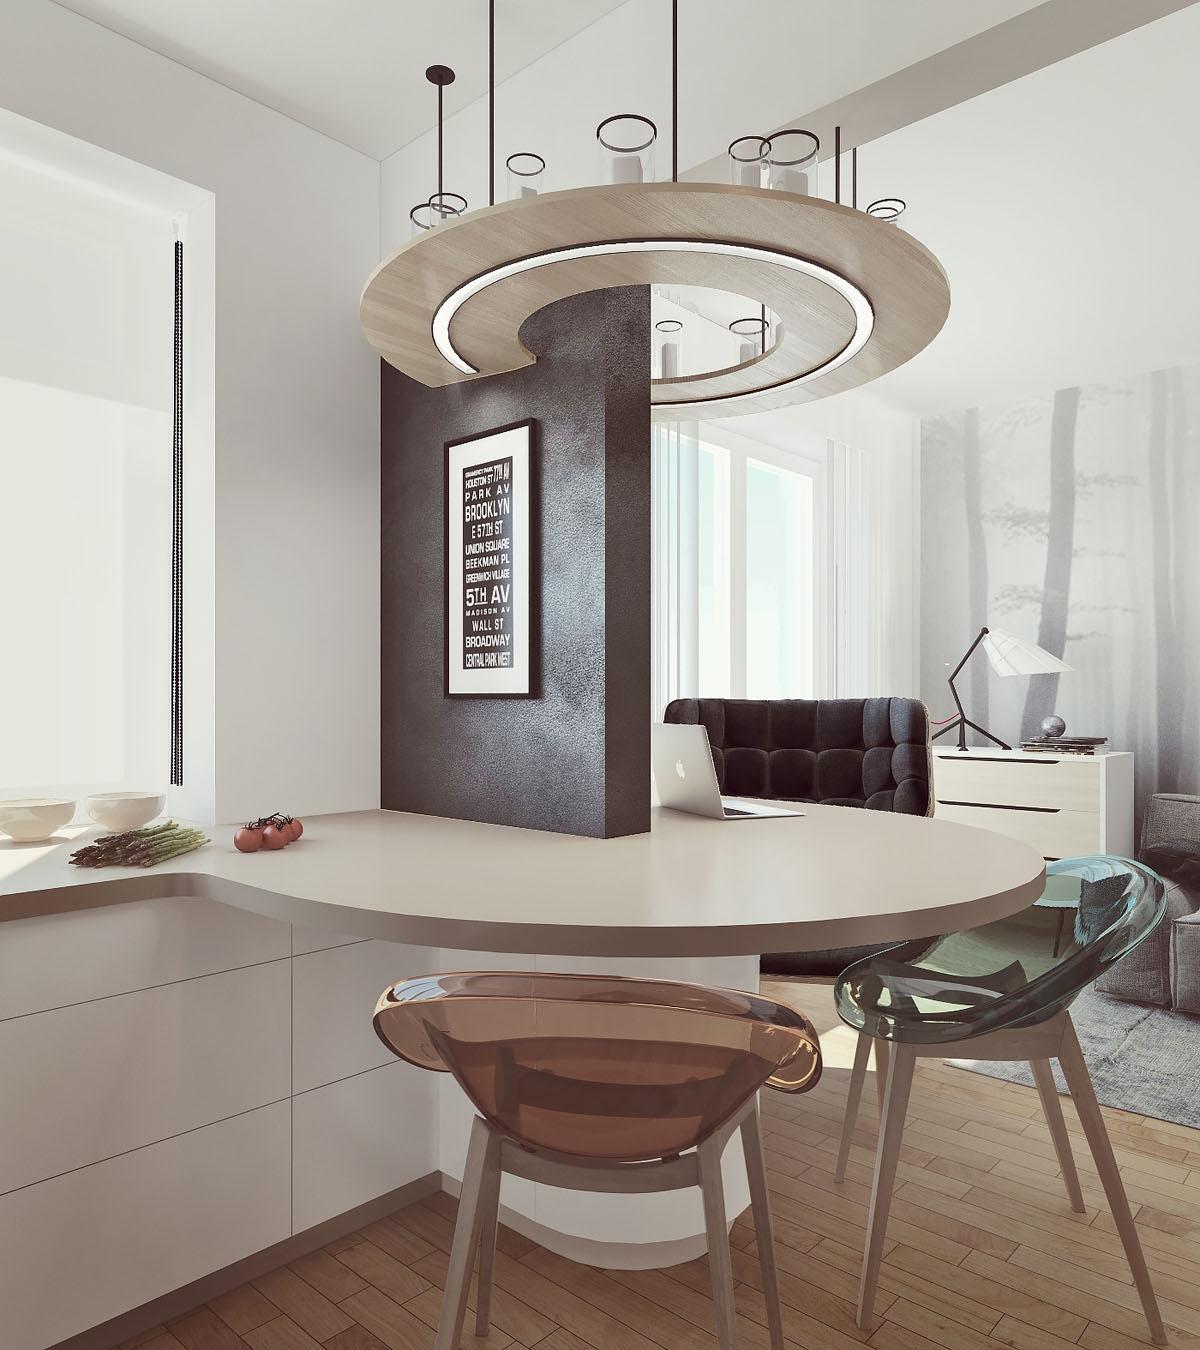 Tham khảo những mẫu bàn ghế ăn nhỏ mà trang nhã tuyệt vời - Ảnh 2